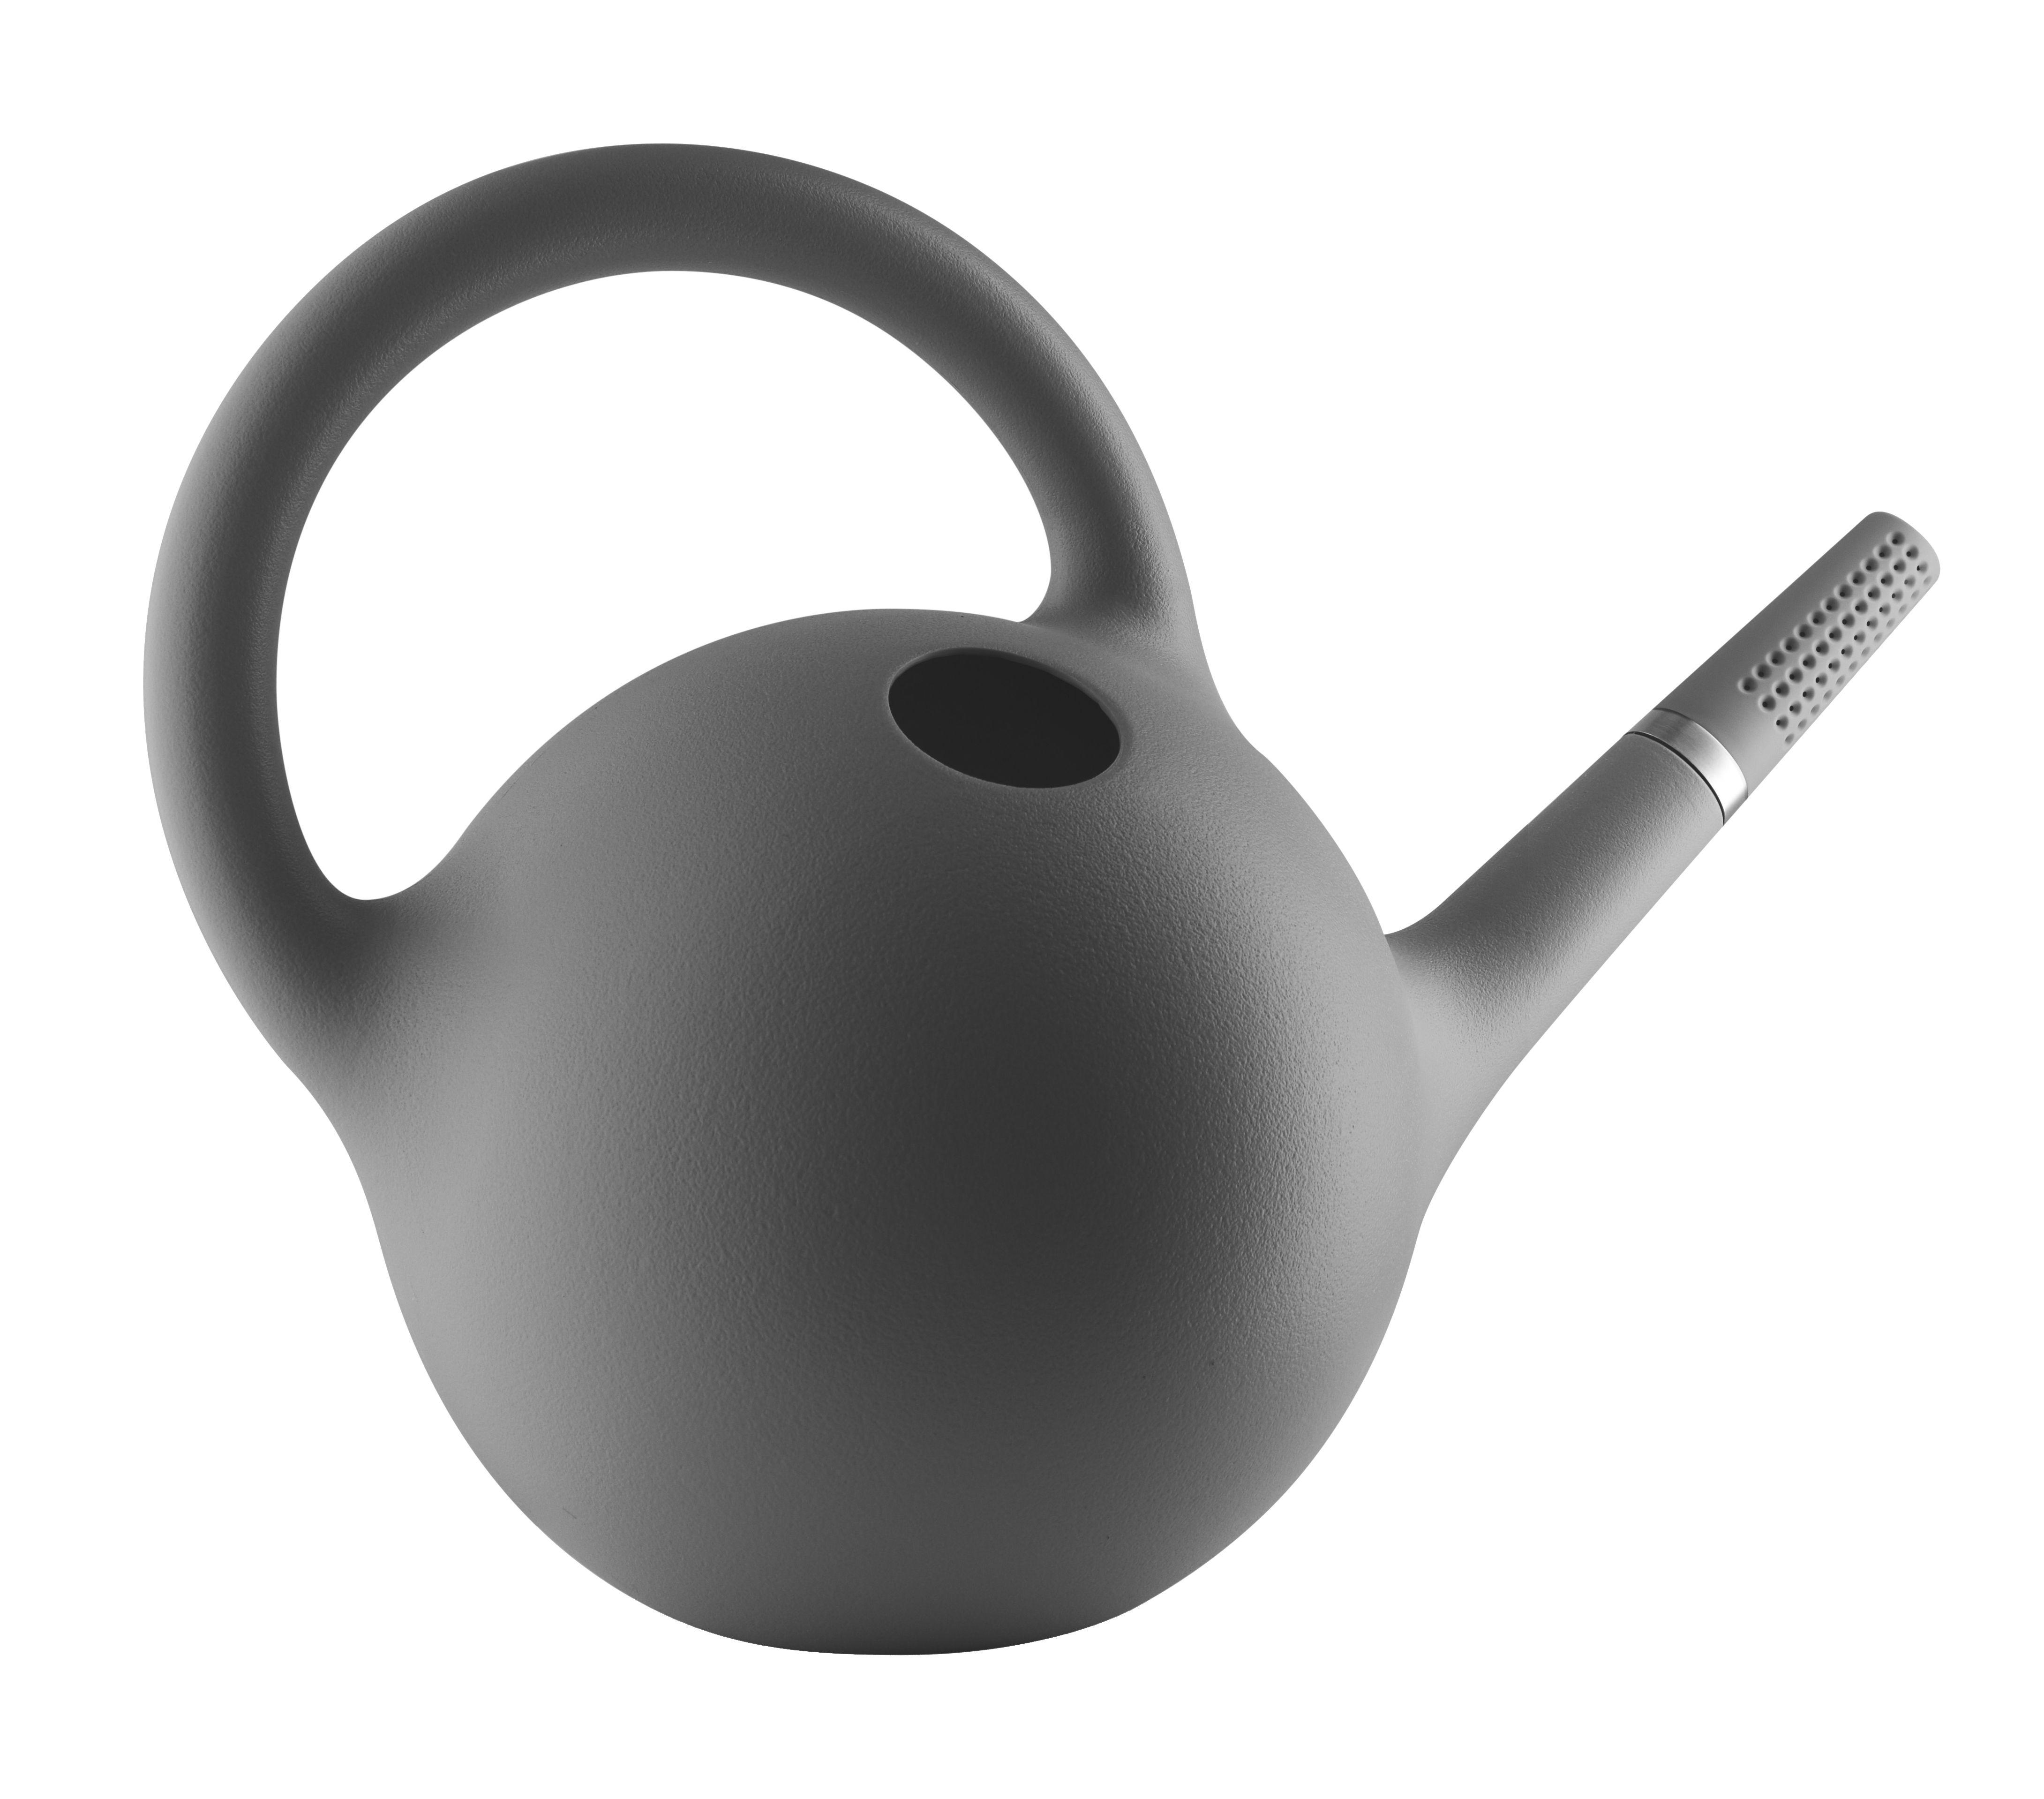 Outdoor - Töpfe und Pflanzen - Globe Gießkanne / 9 l - Eva Solo - Grau - Plastik, rostfreier Stahl